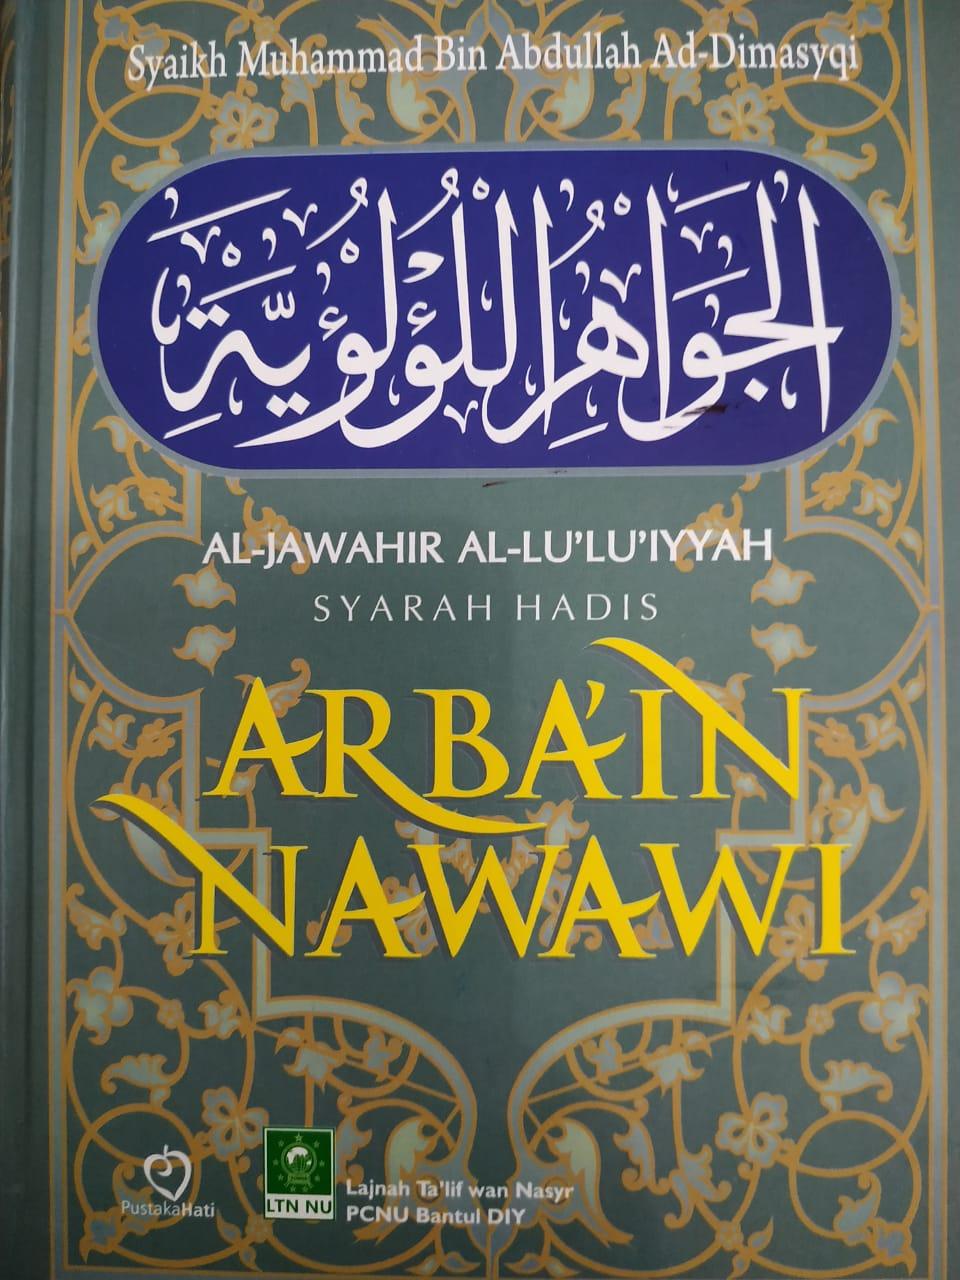 Syarah Hadis Arbain Nawawi